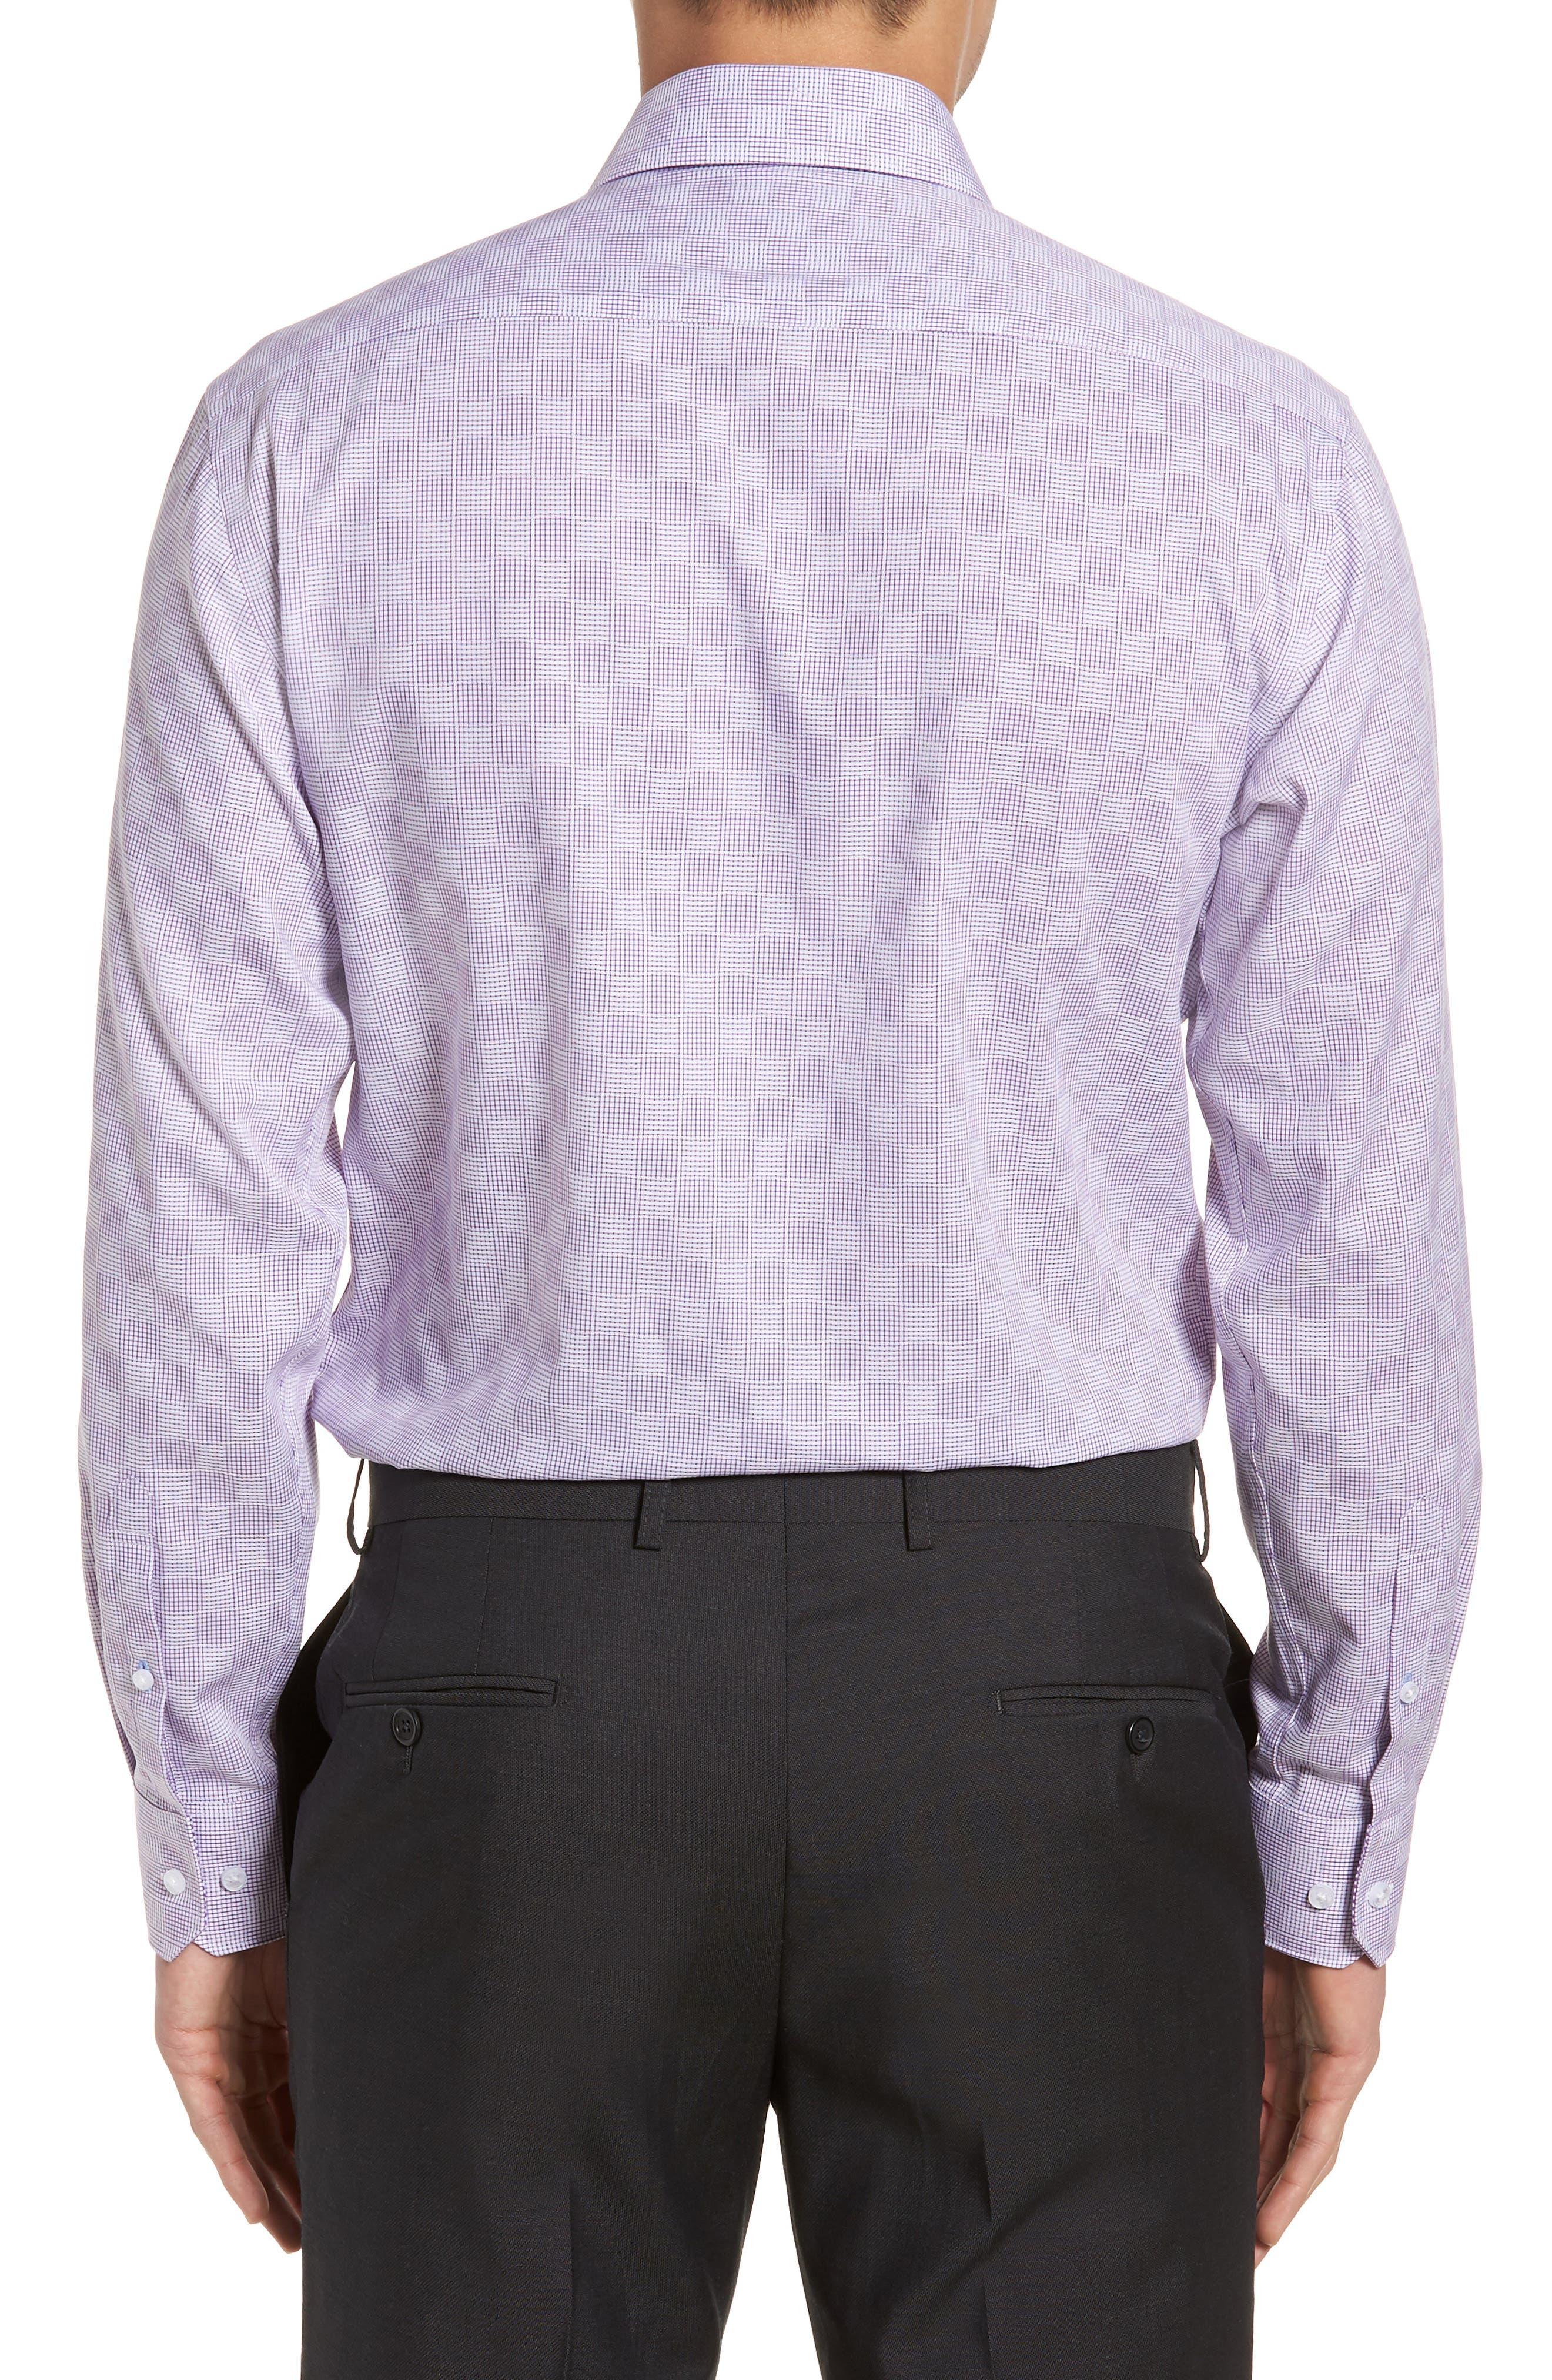 Haper Trim Fit Plaid Dress Shirt,                             Alternate thumbnail 3, color,                             Purple